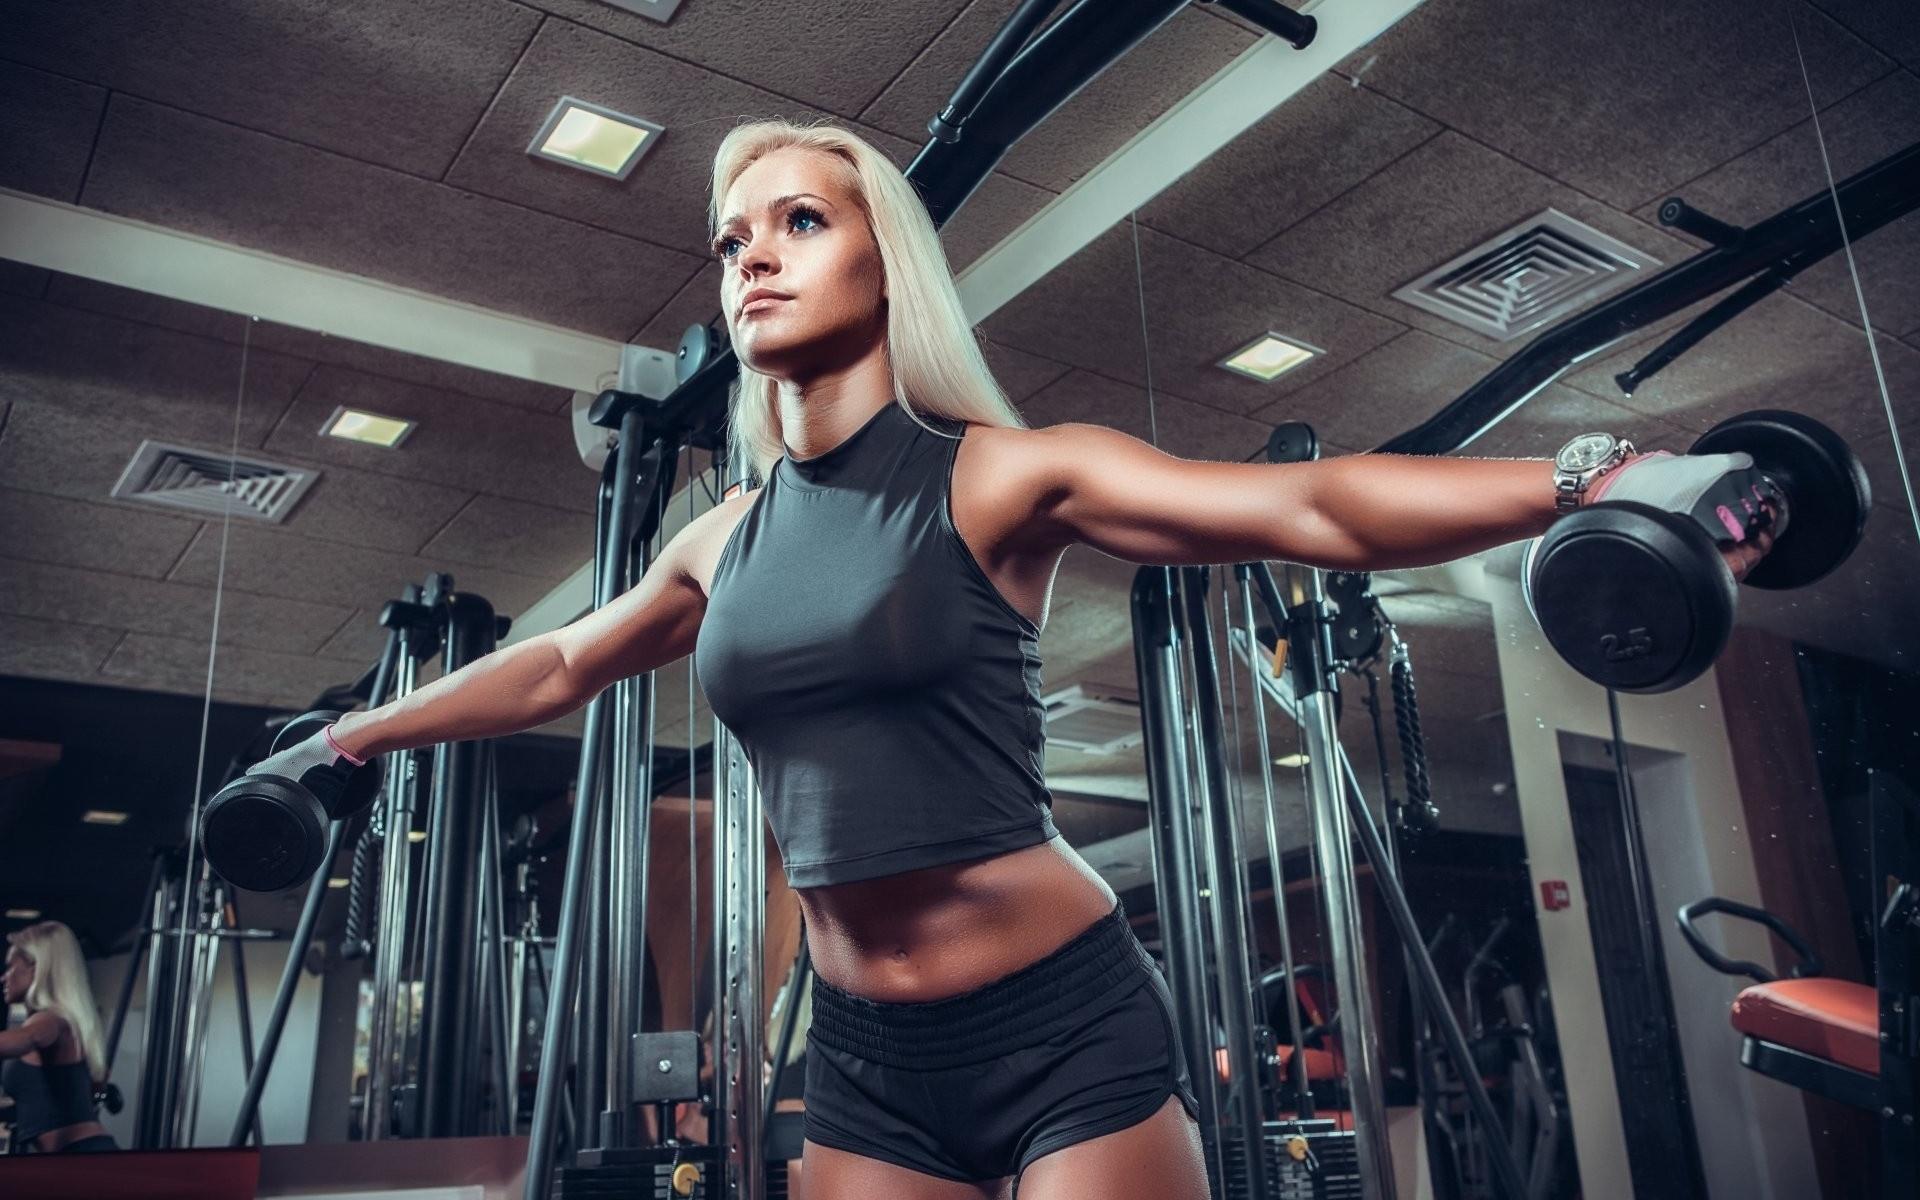 видео девушки и спорт лицо